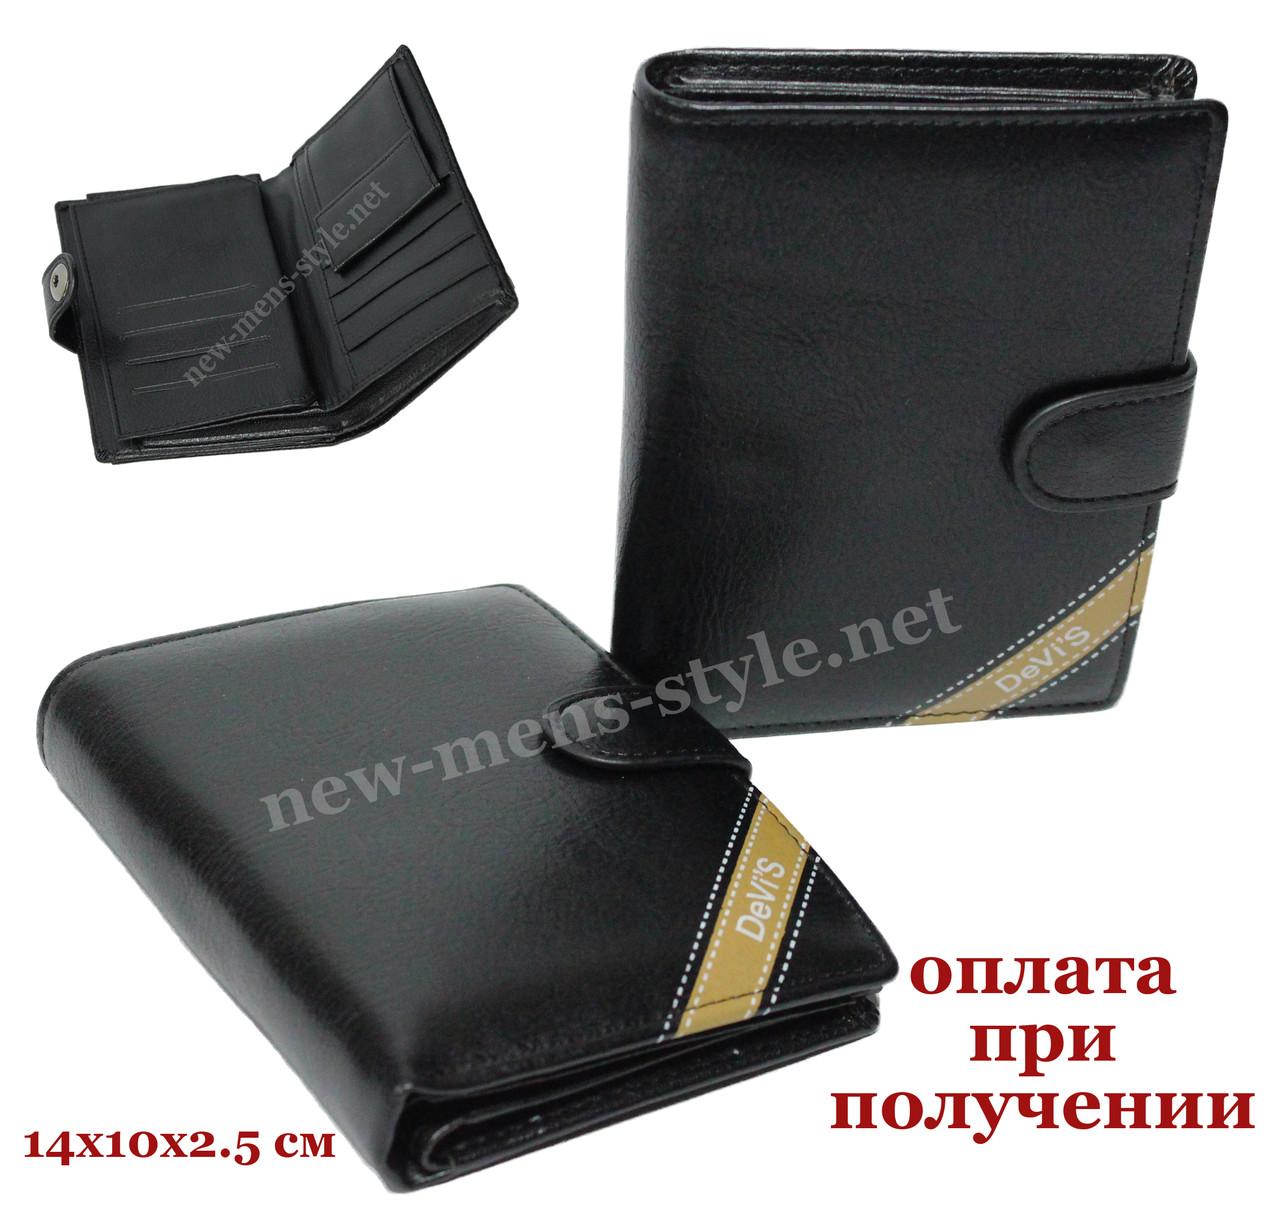 Чоловічий шкіряний гаманець портмоне гаманець обкладинка паспорта Devis